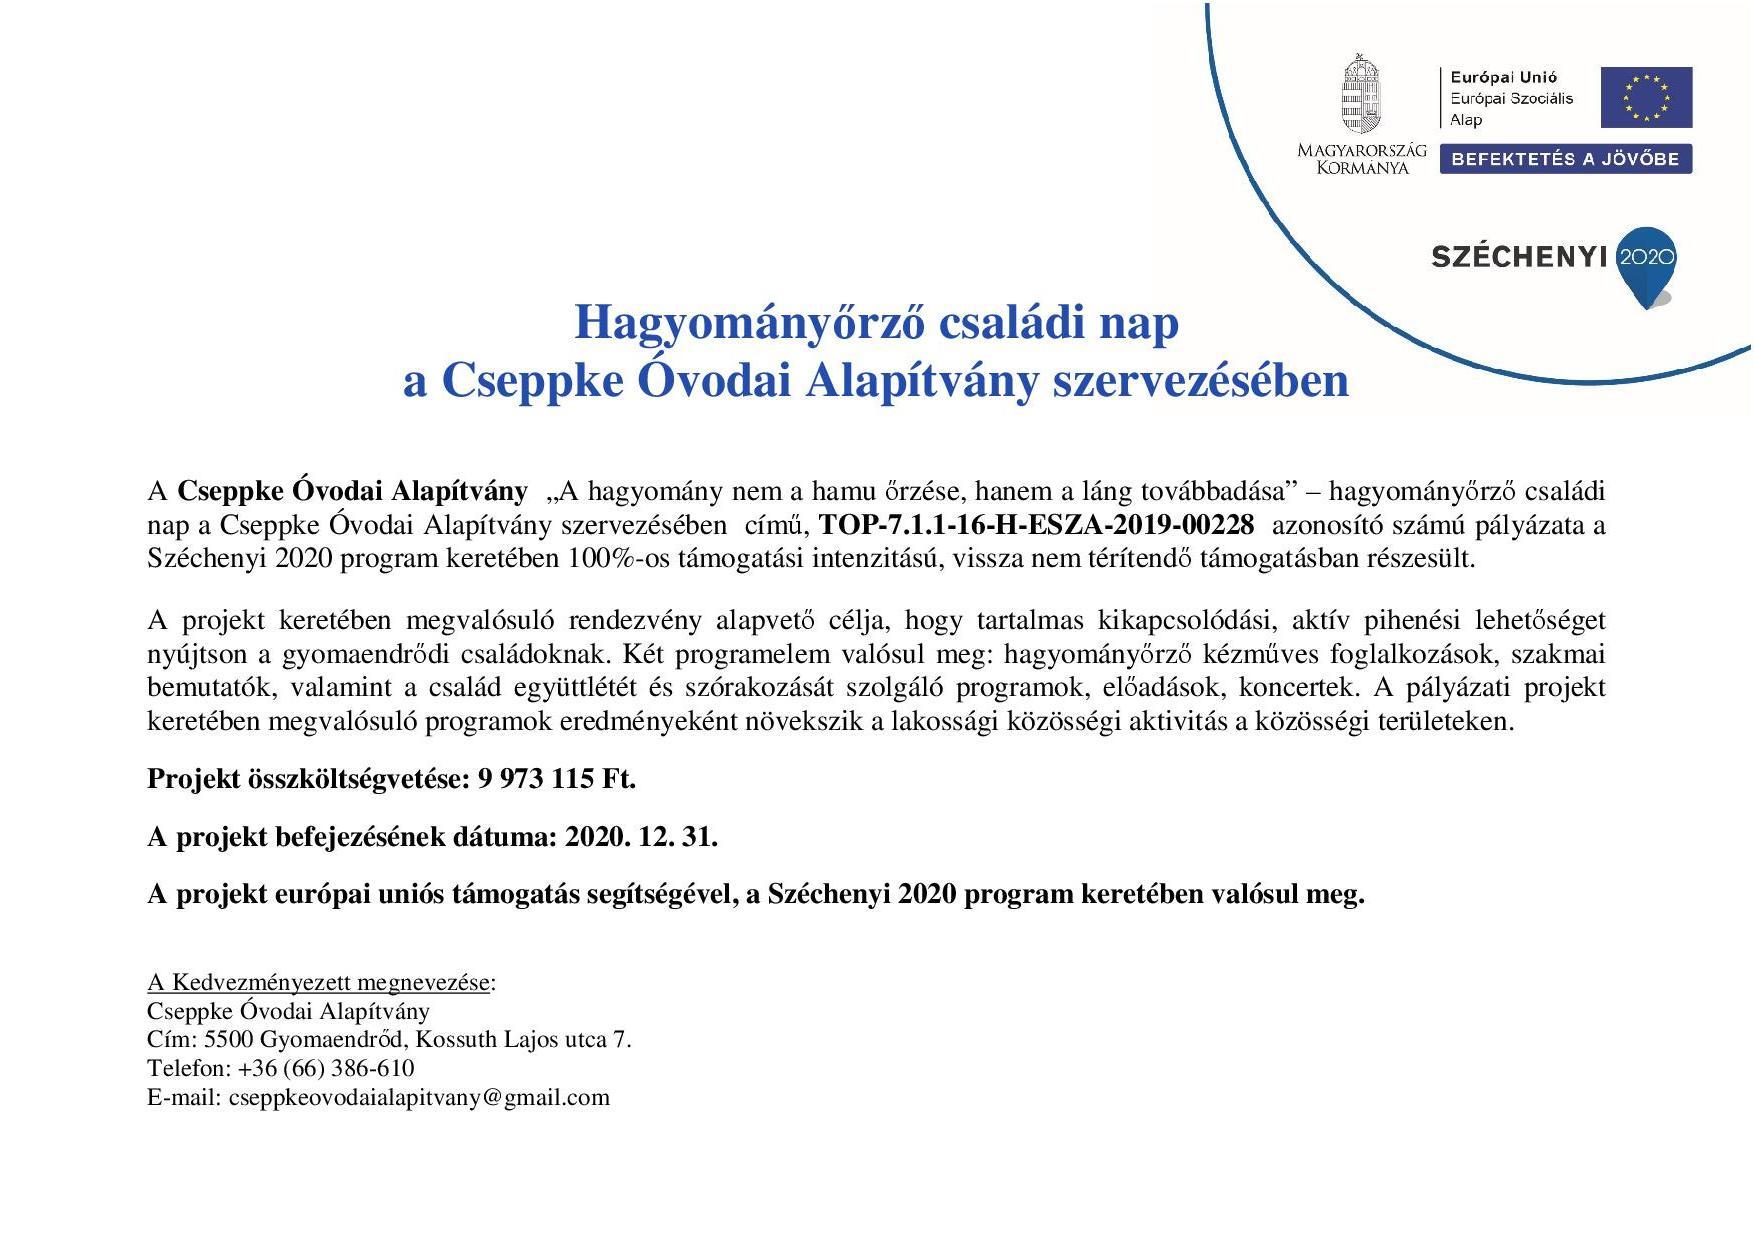 A helyi hagyományok ápolását támogató, valamint Családi és egészségmegőrző programok (TOP-7.1.1-16-H-012-4)